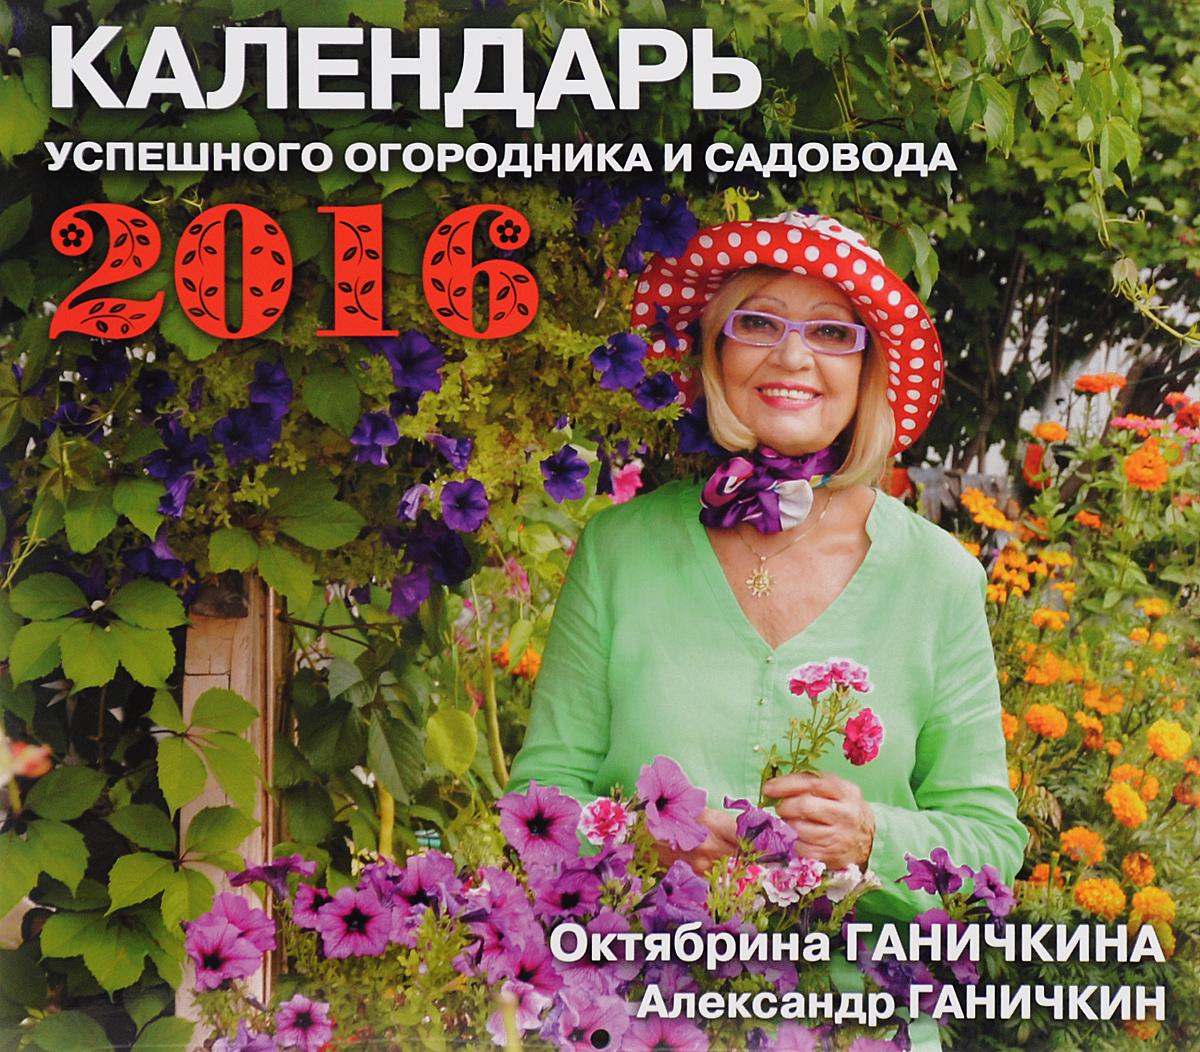 Календарь 2016 (на скрепке). Календарь успешного огородника и садовода